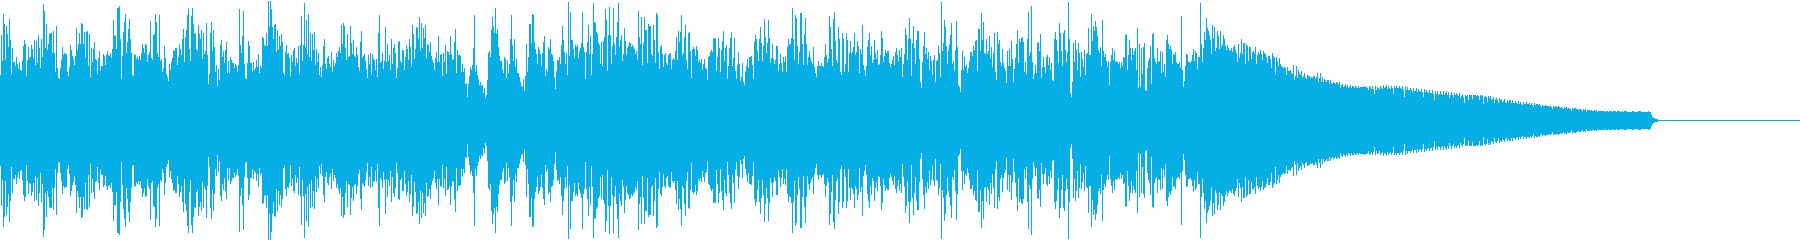 カントリー風ギターイントロ−07Jの再生済みの波形